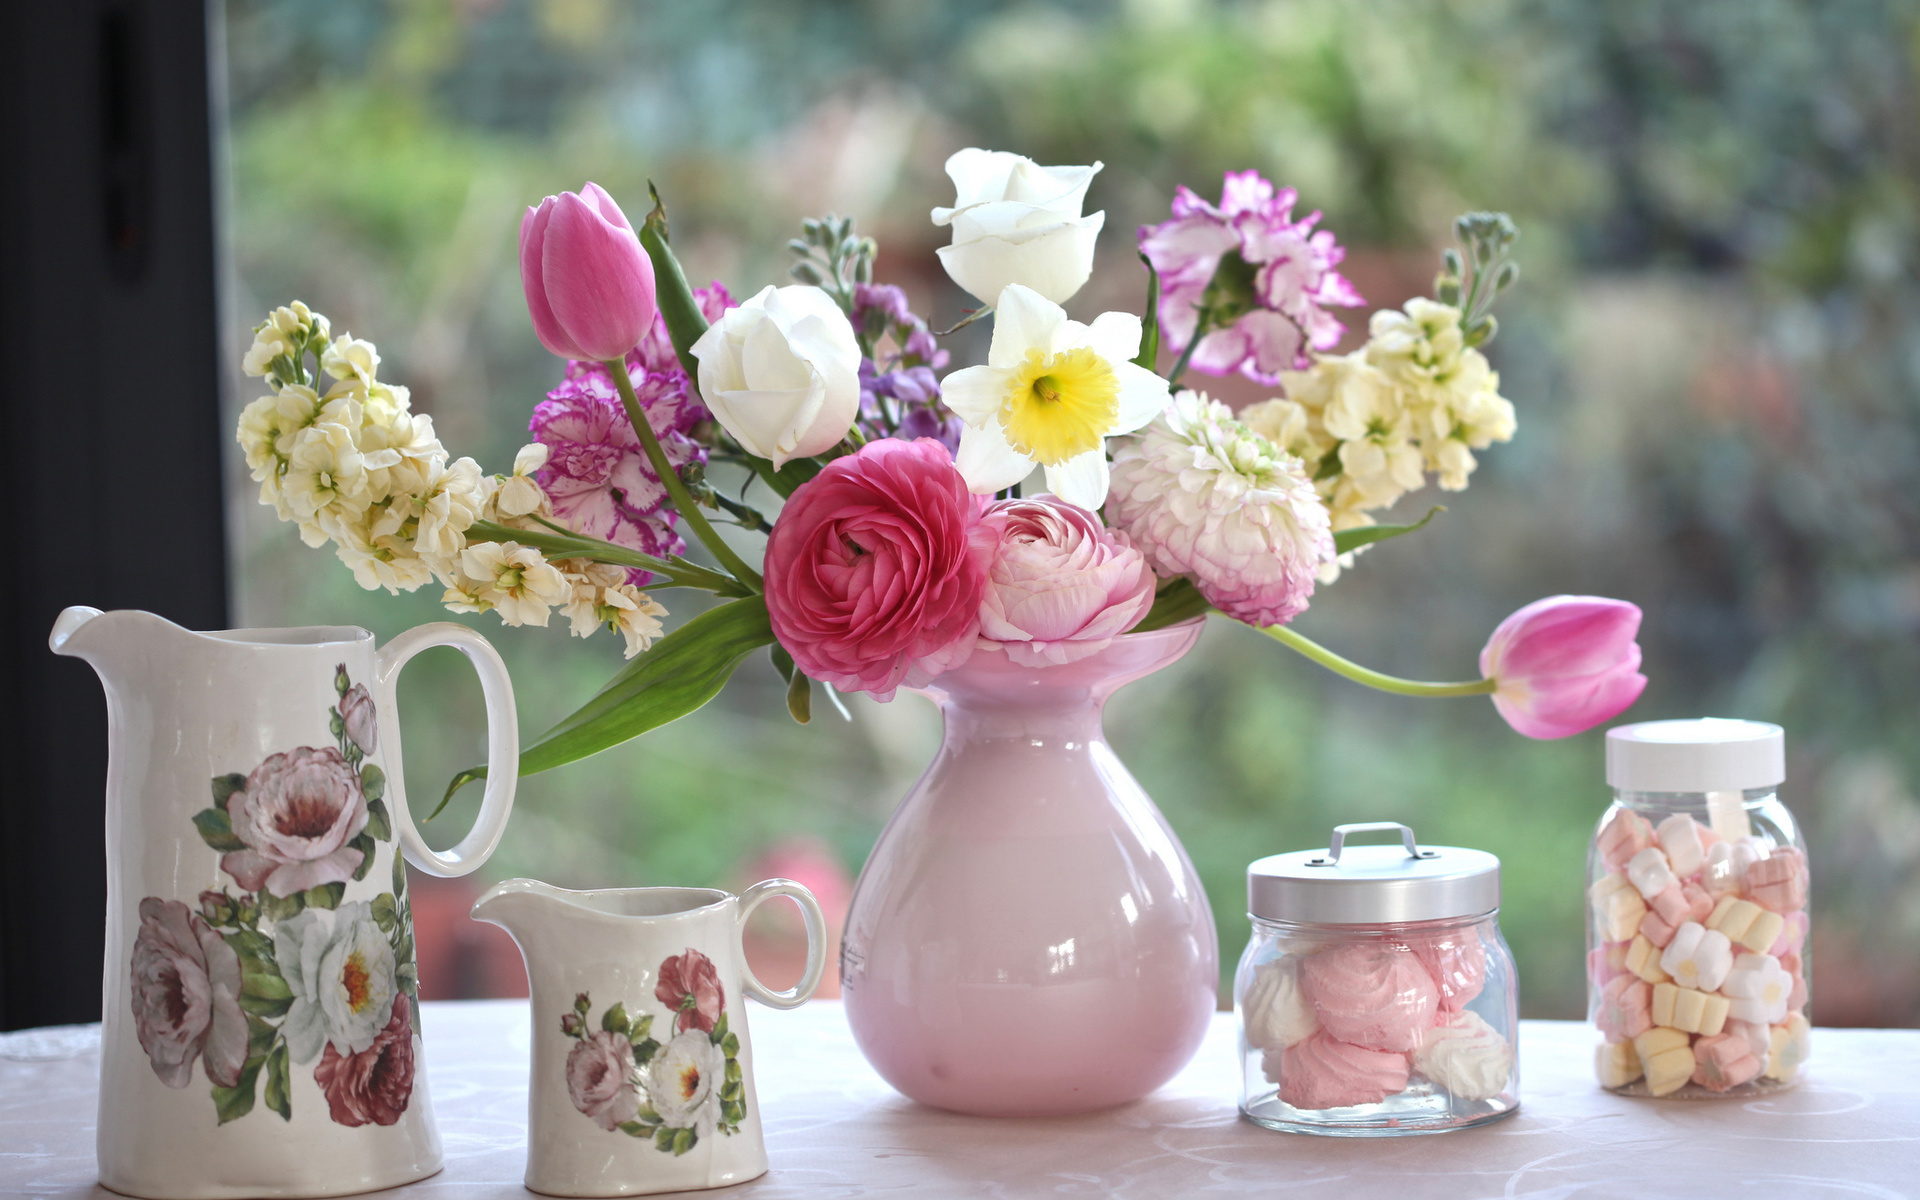 Таиланд пхукет, открытка утренние цветы